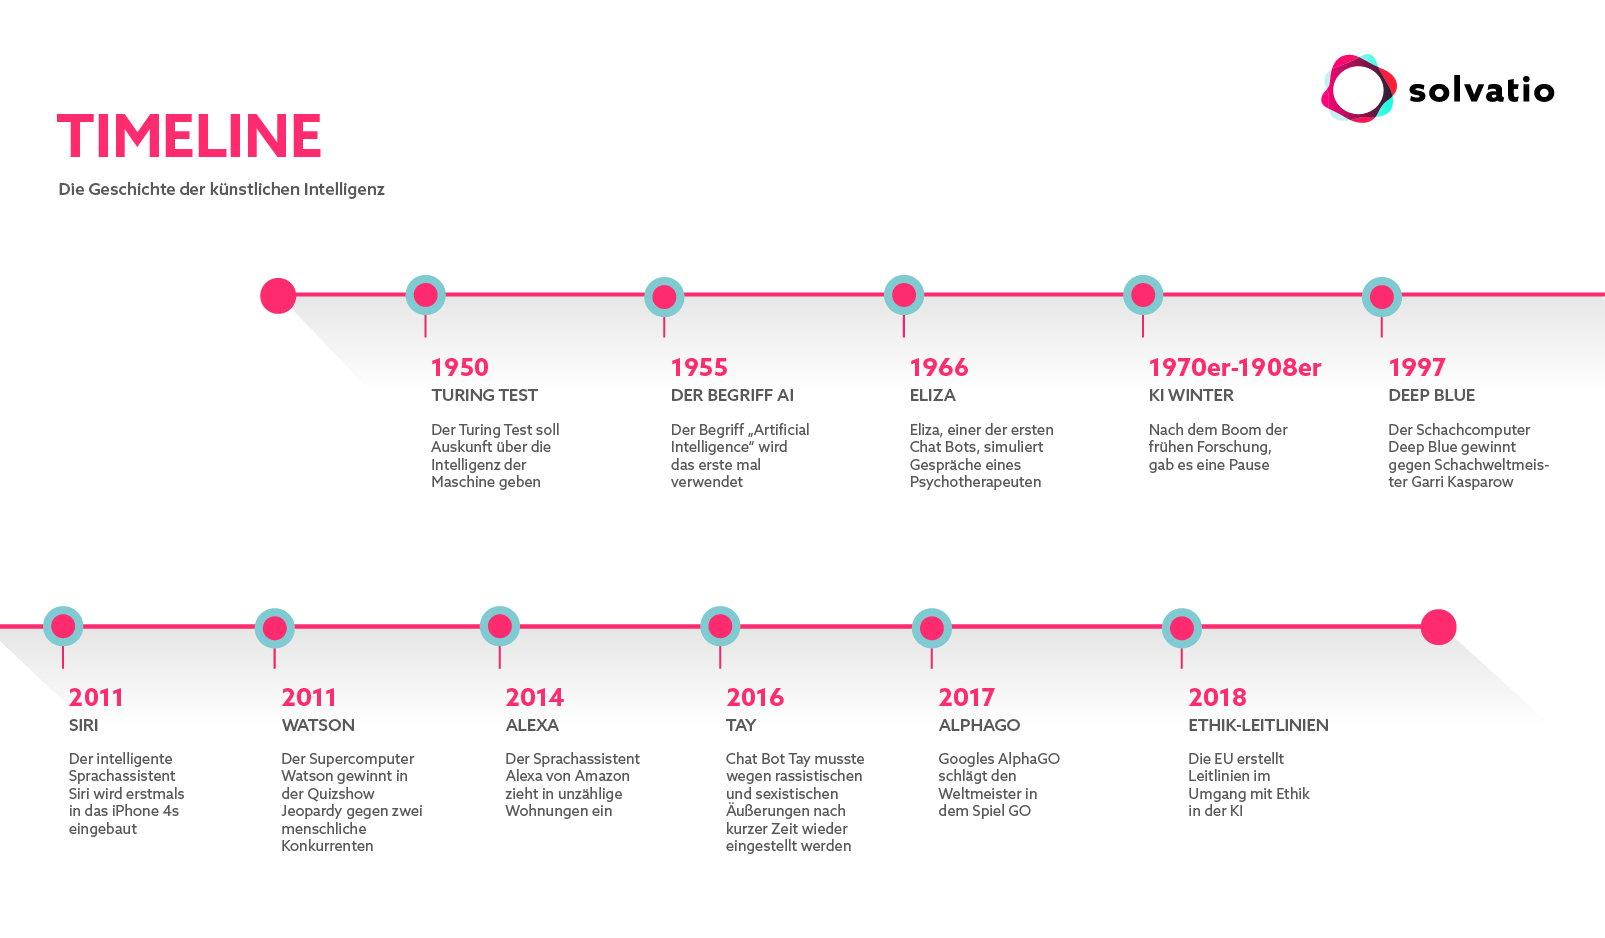 Timeline_13052019